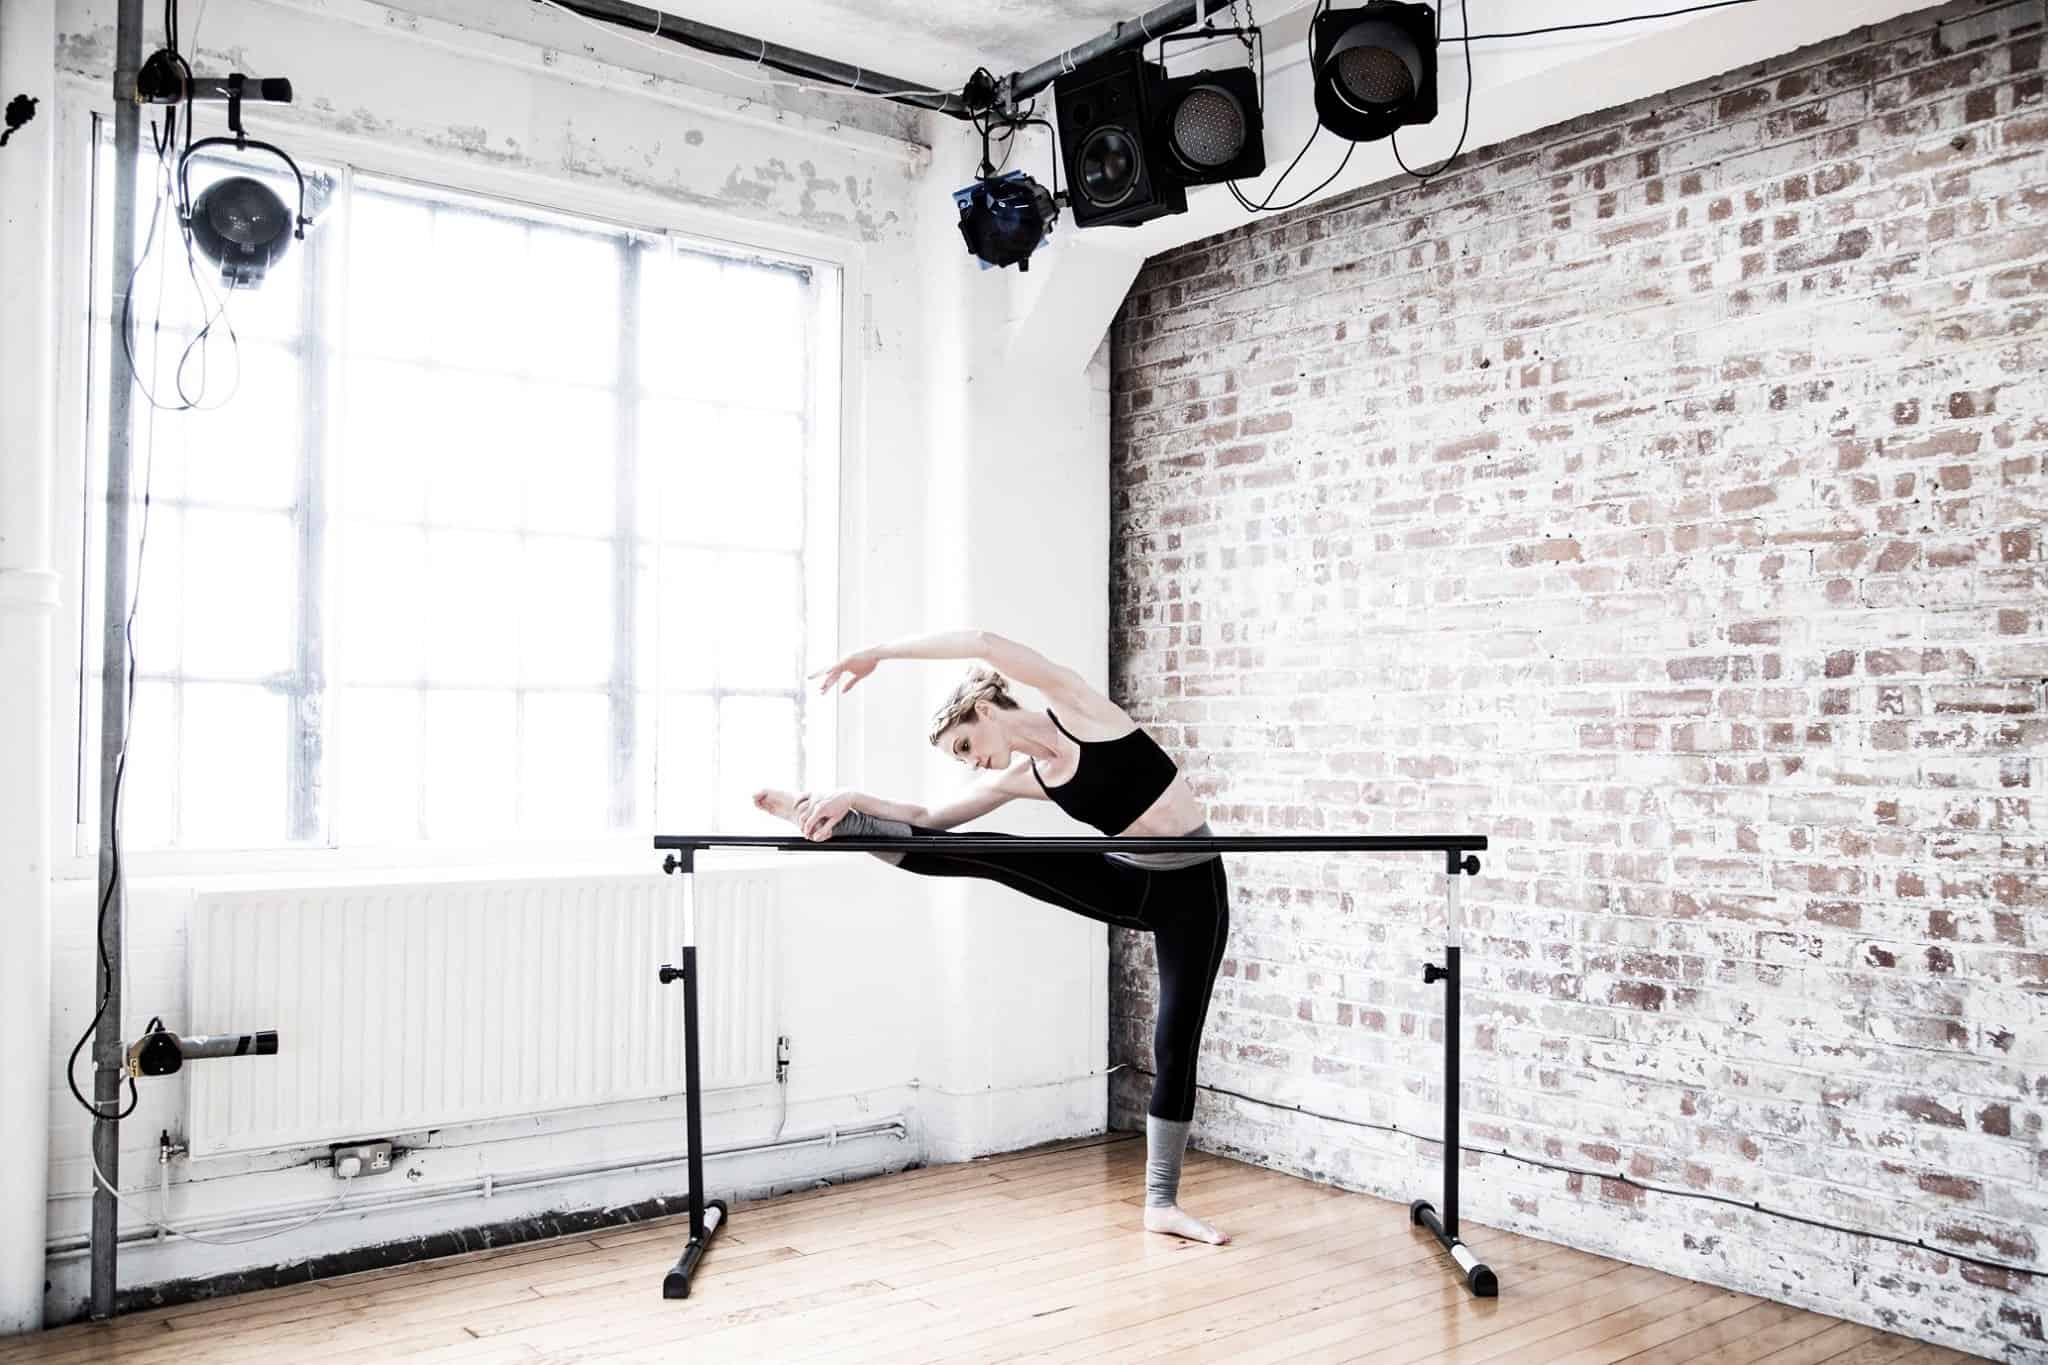 Dancer stretching at ballet barre